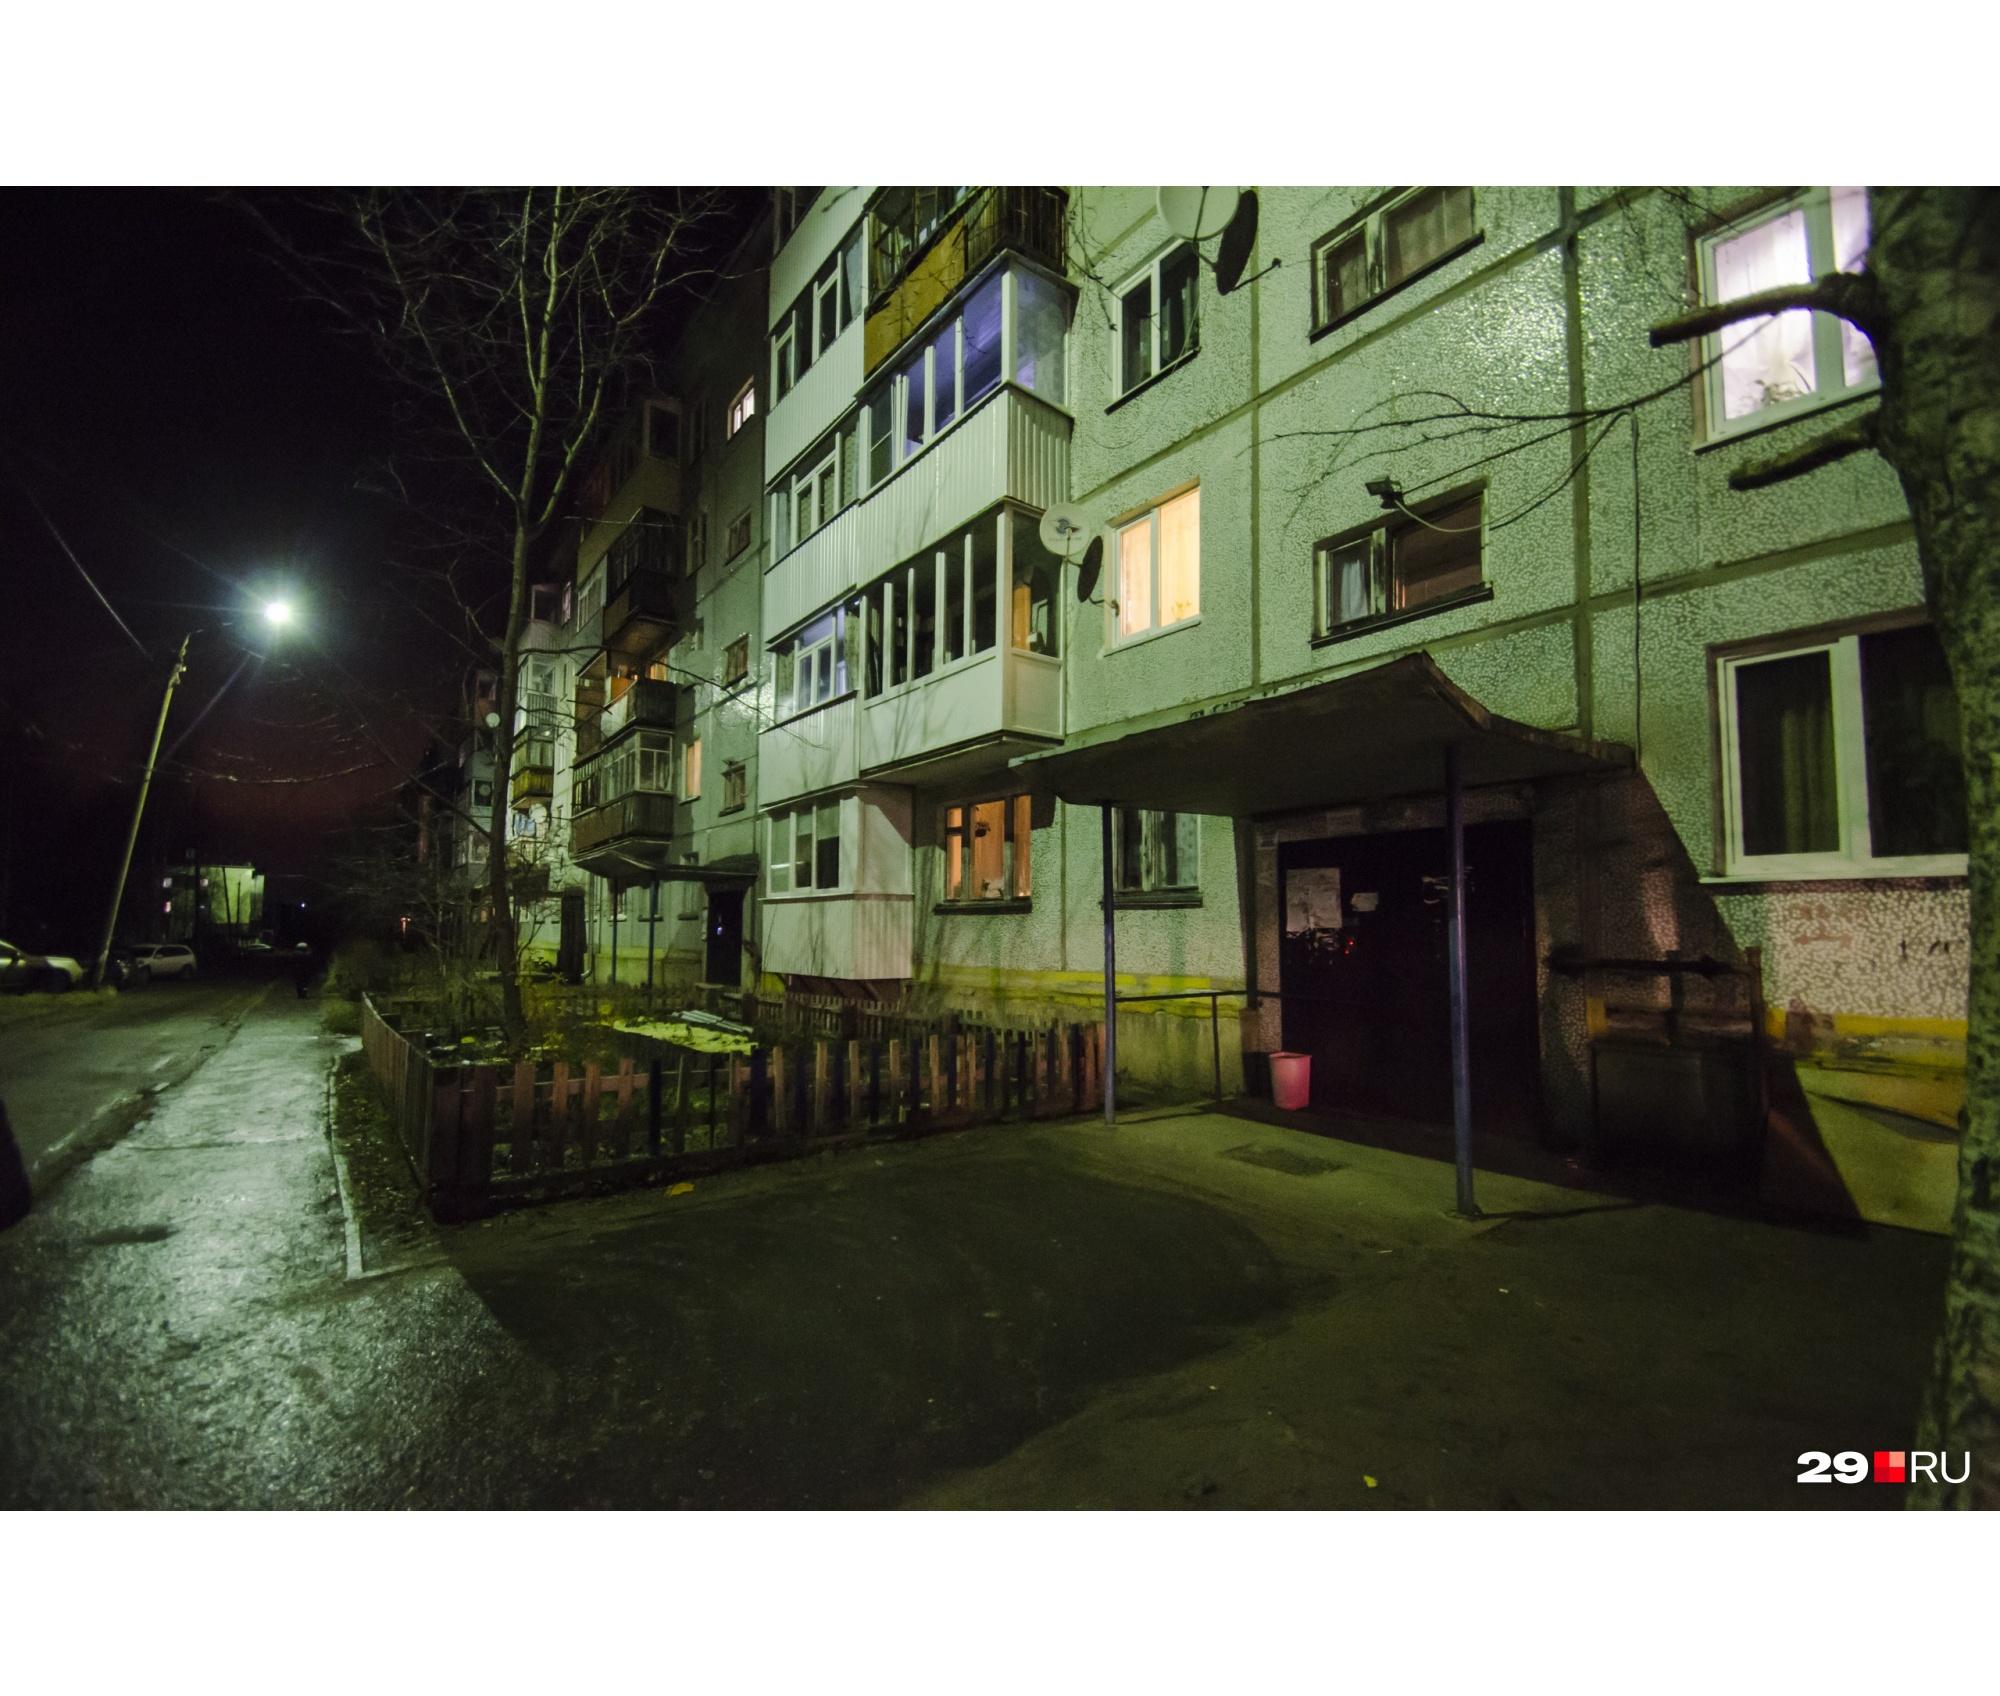 Неподалеку в похожей пятиэтажке живёт бабушка погибшего